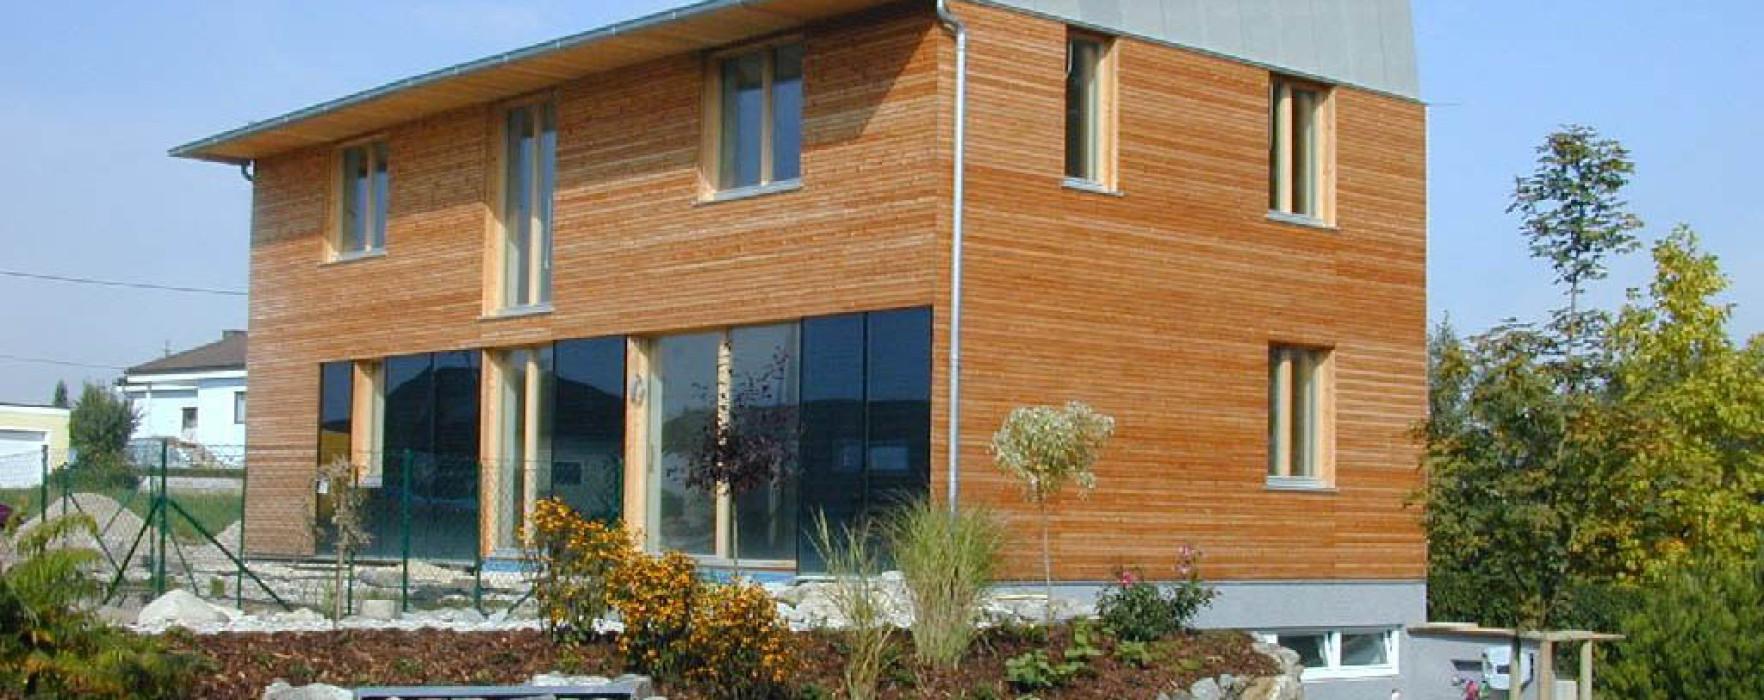 Rivestimento Casa In Legno rivestimenti nelle case in bioedilizia